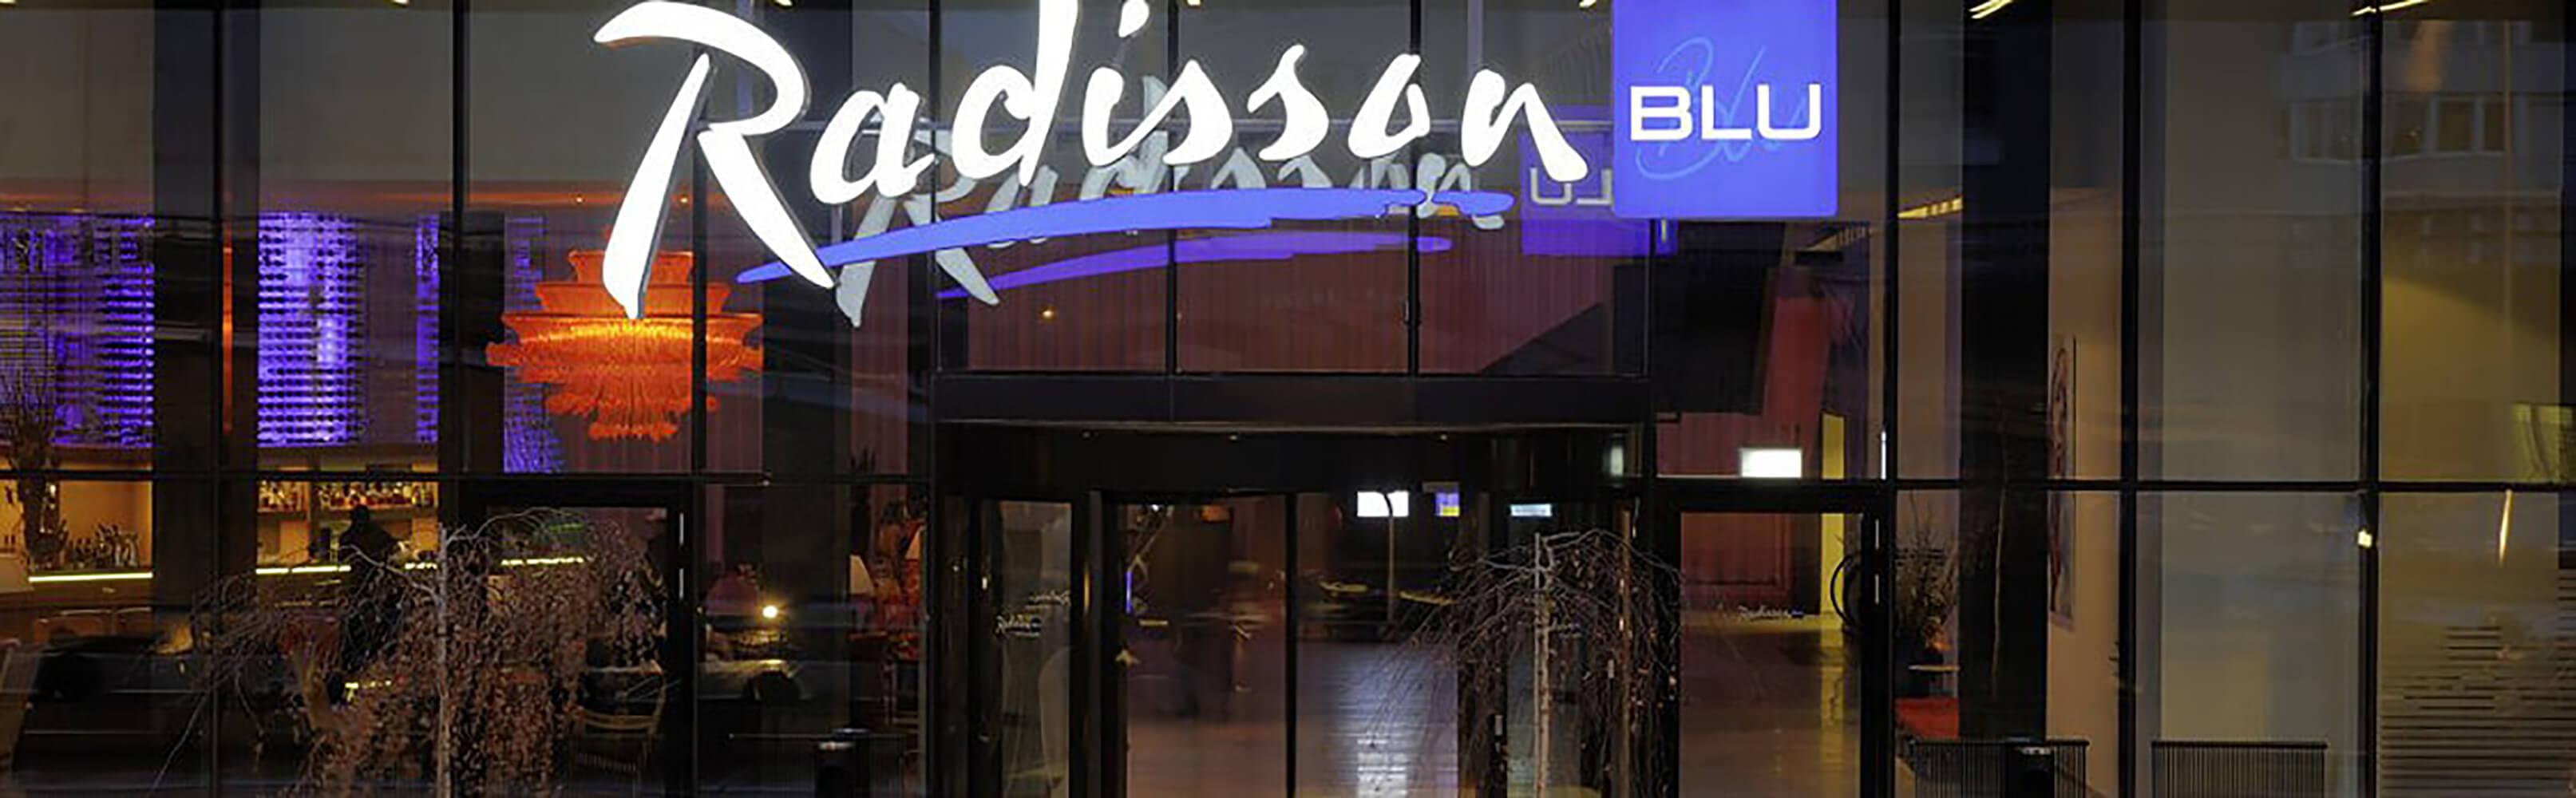 Radisson Blu Hotel, Zurich Airport 1